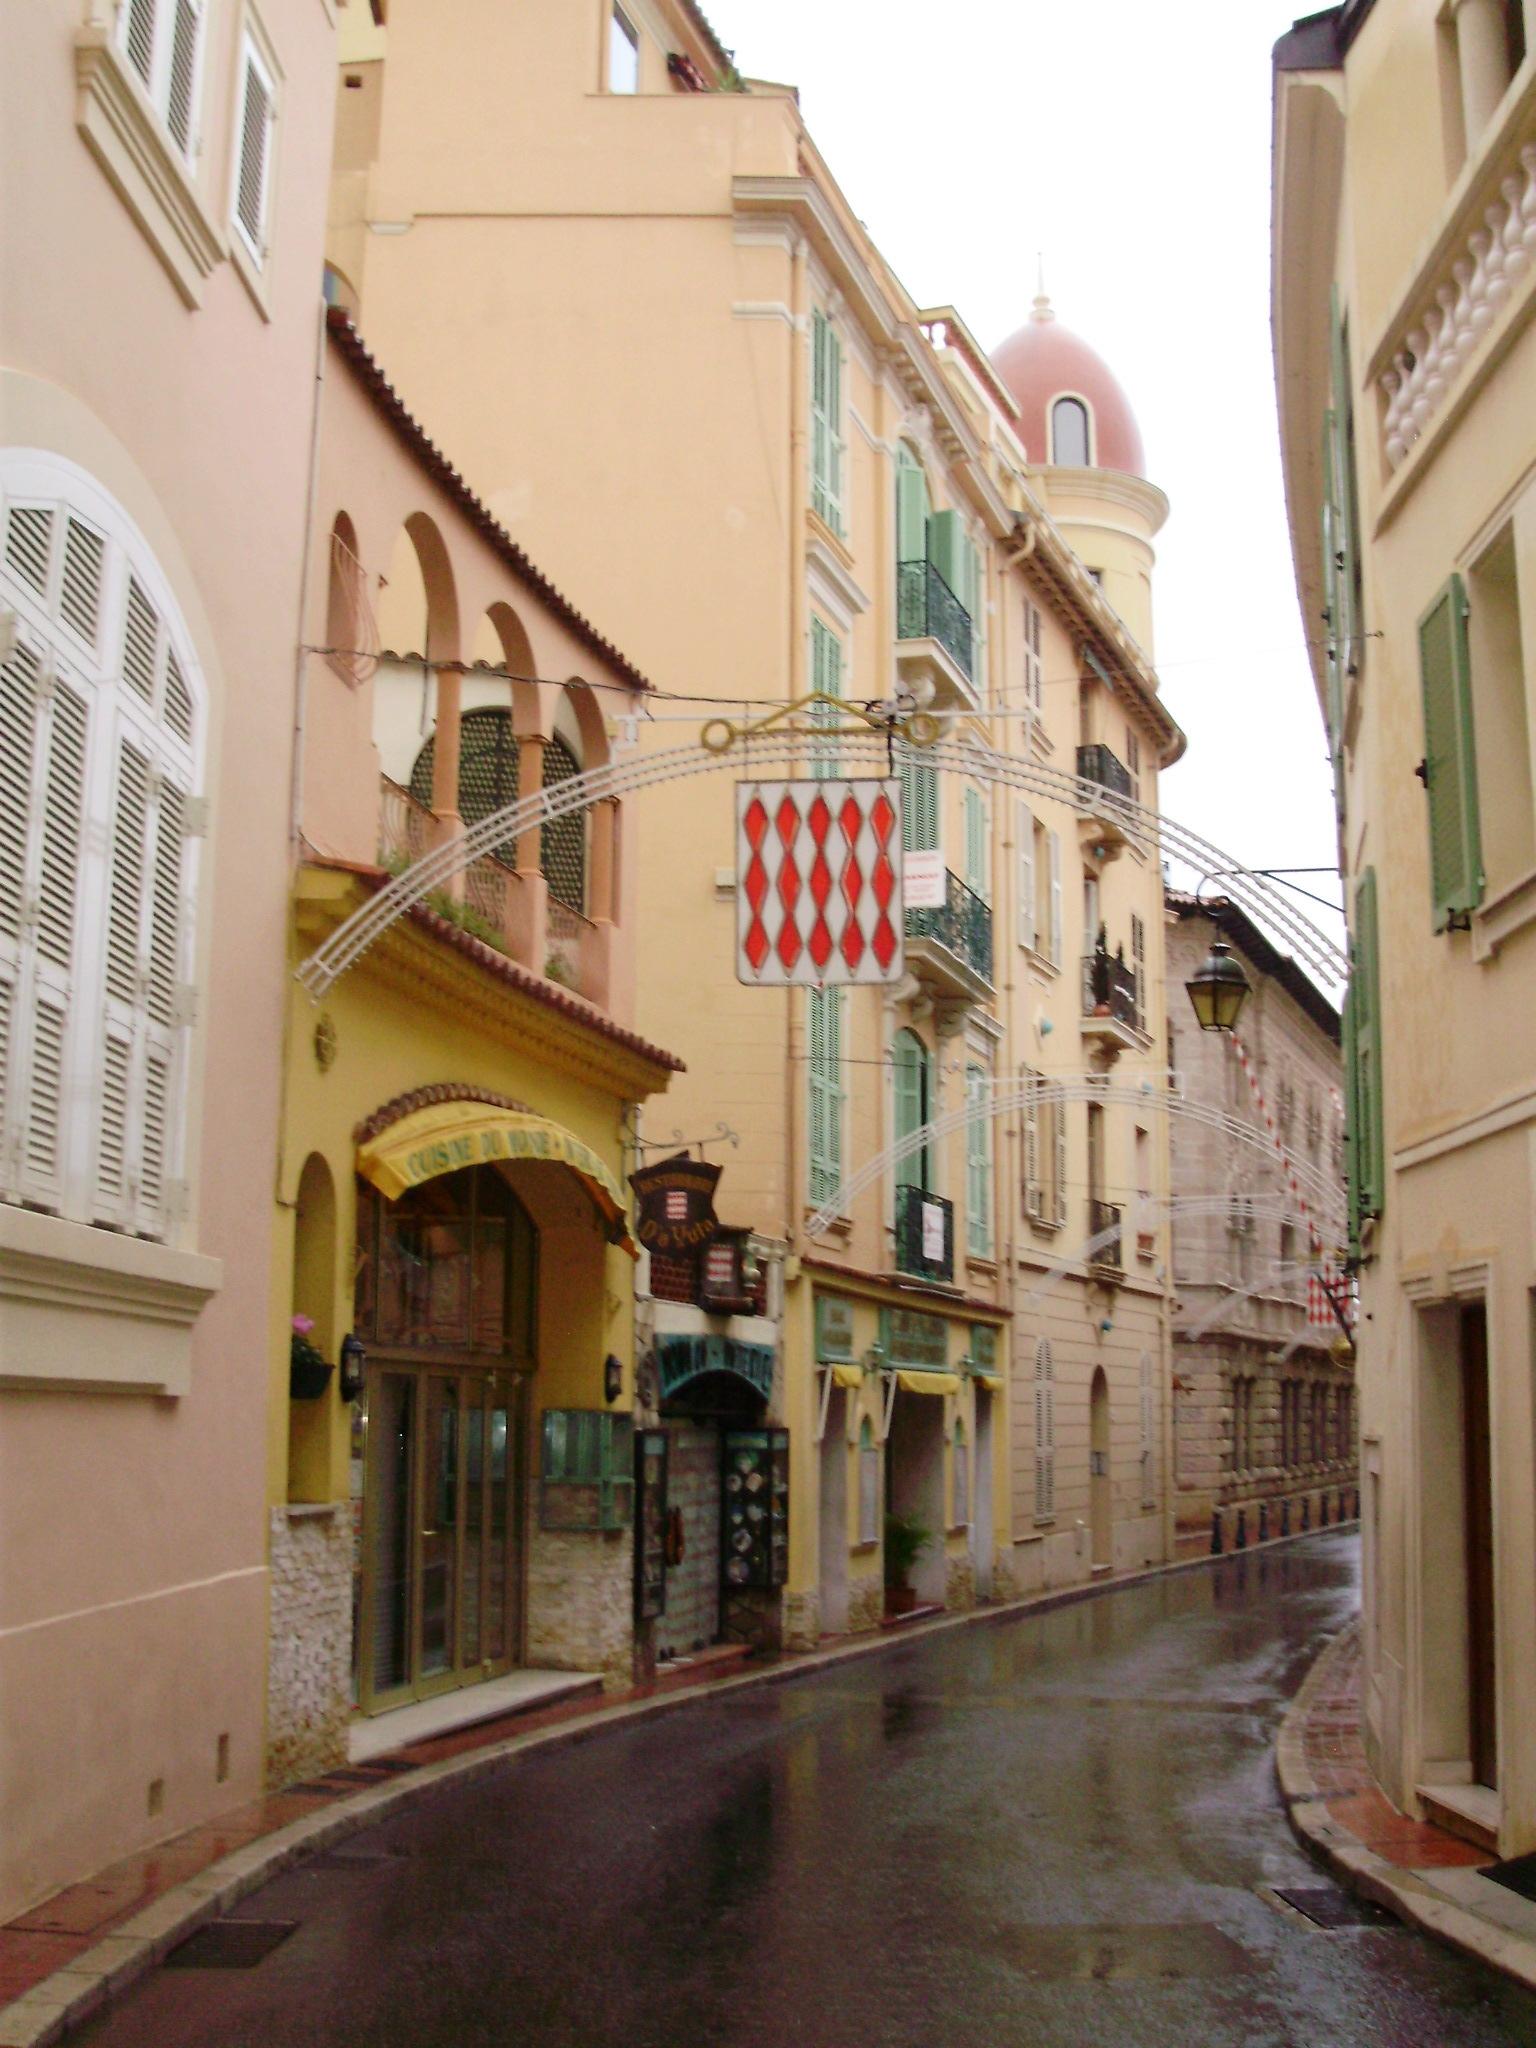 細い路地に可愛い建物が並びますが、これらは観光客向けのお土産屋さんです